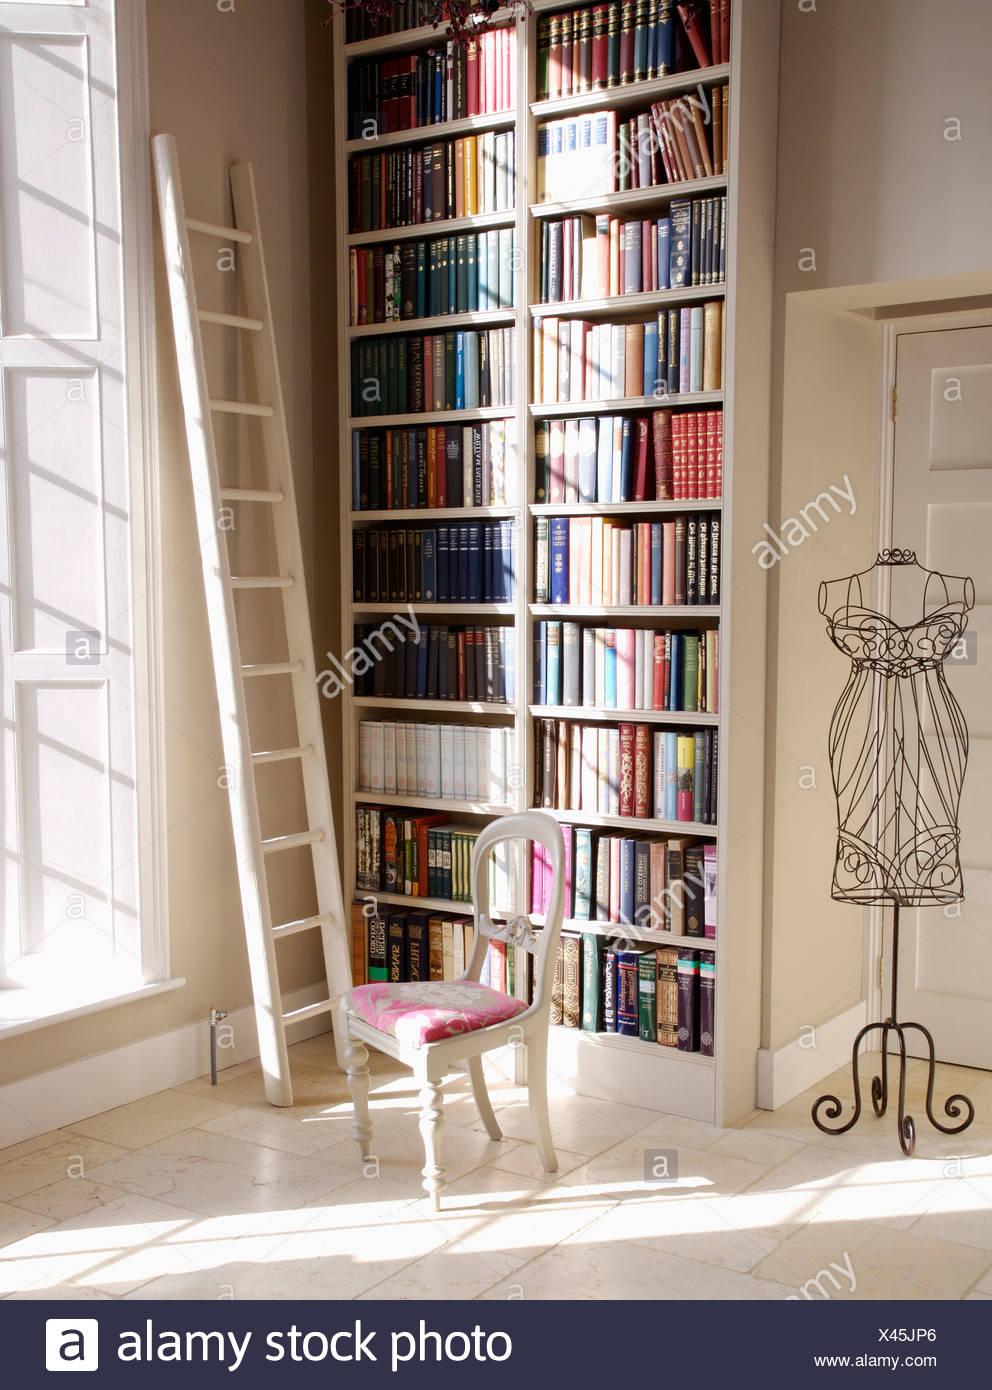 White Ladder Beside Floor To Ceiling Bookshelves In Hall